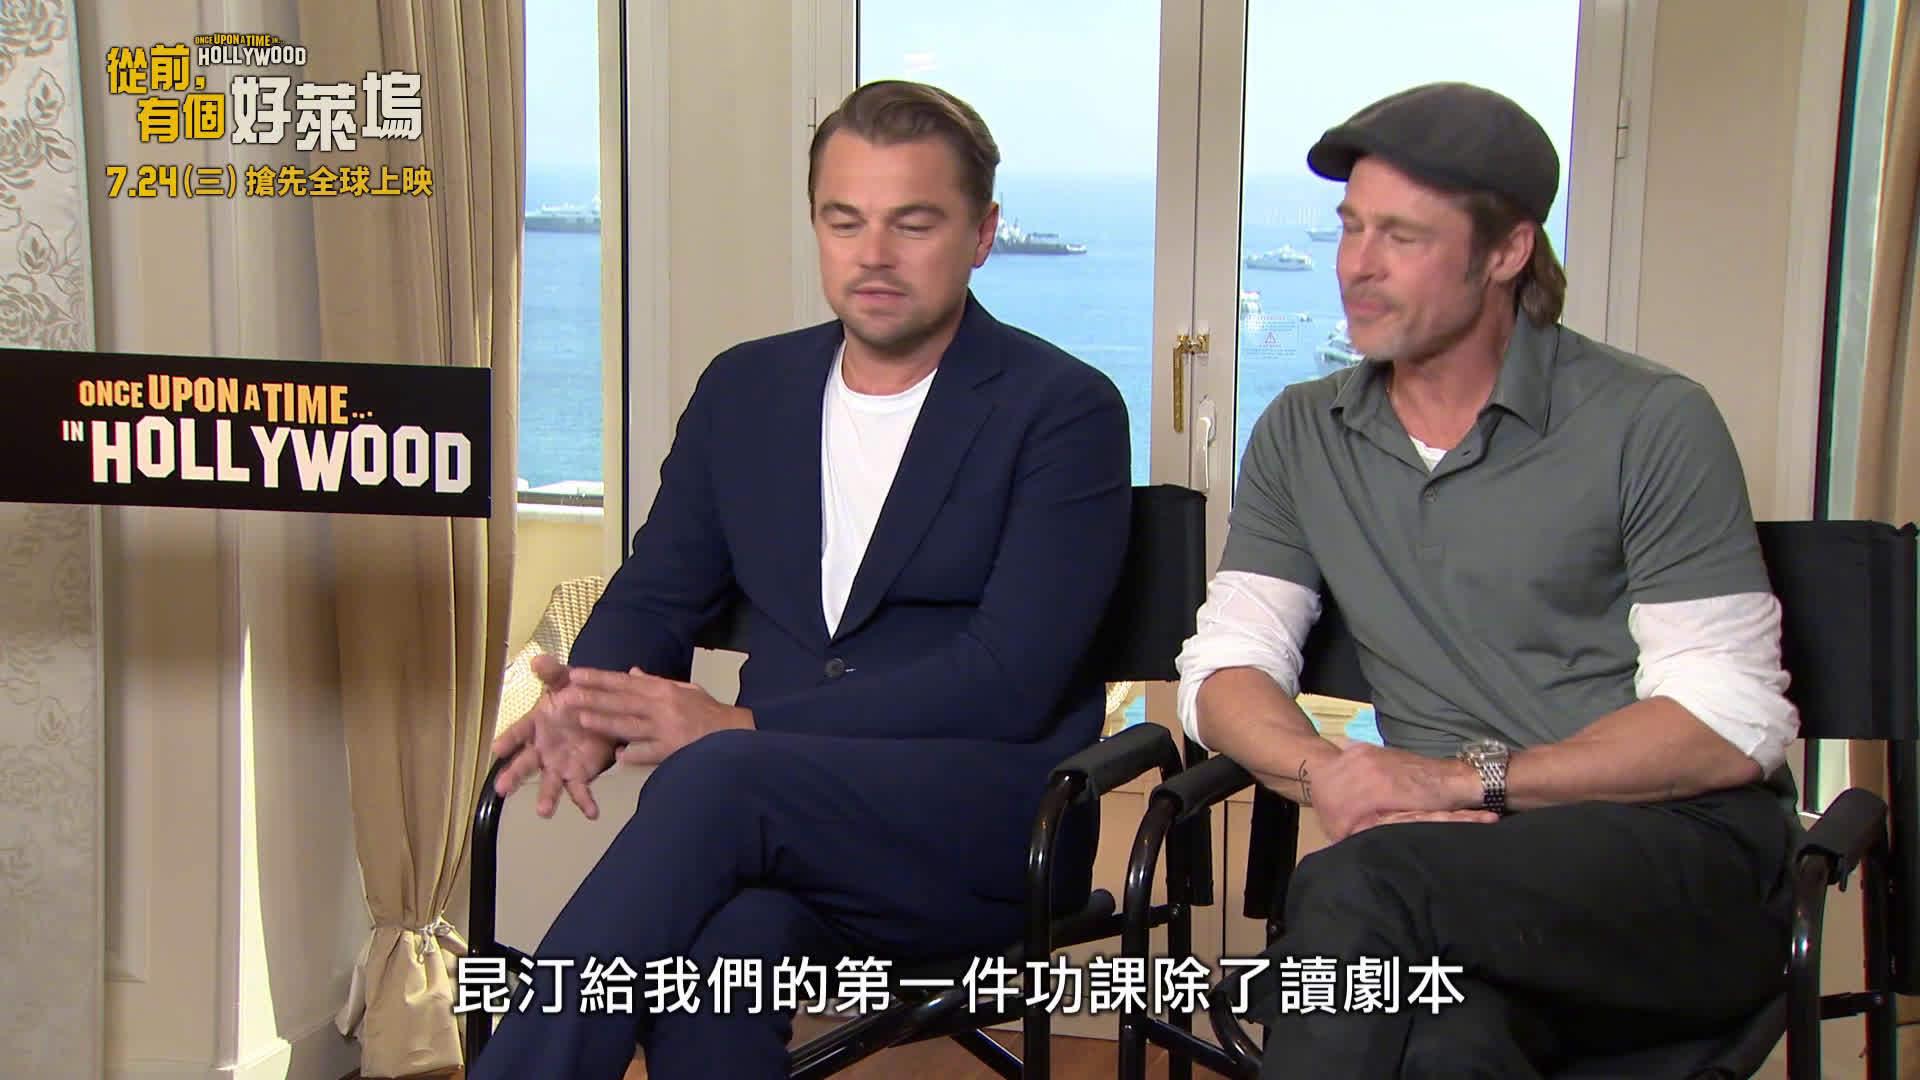 """口碑超赞新片《好莱坞往事》发布""""小李子和幕后采访特辑.."""